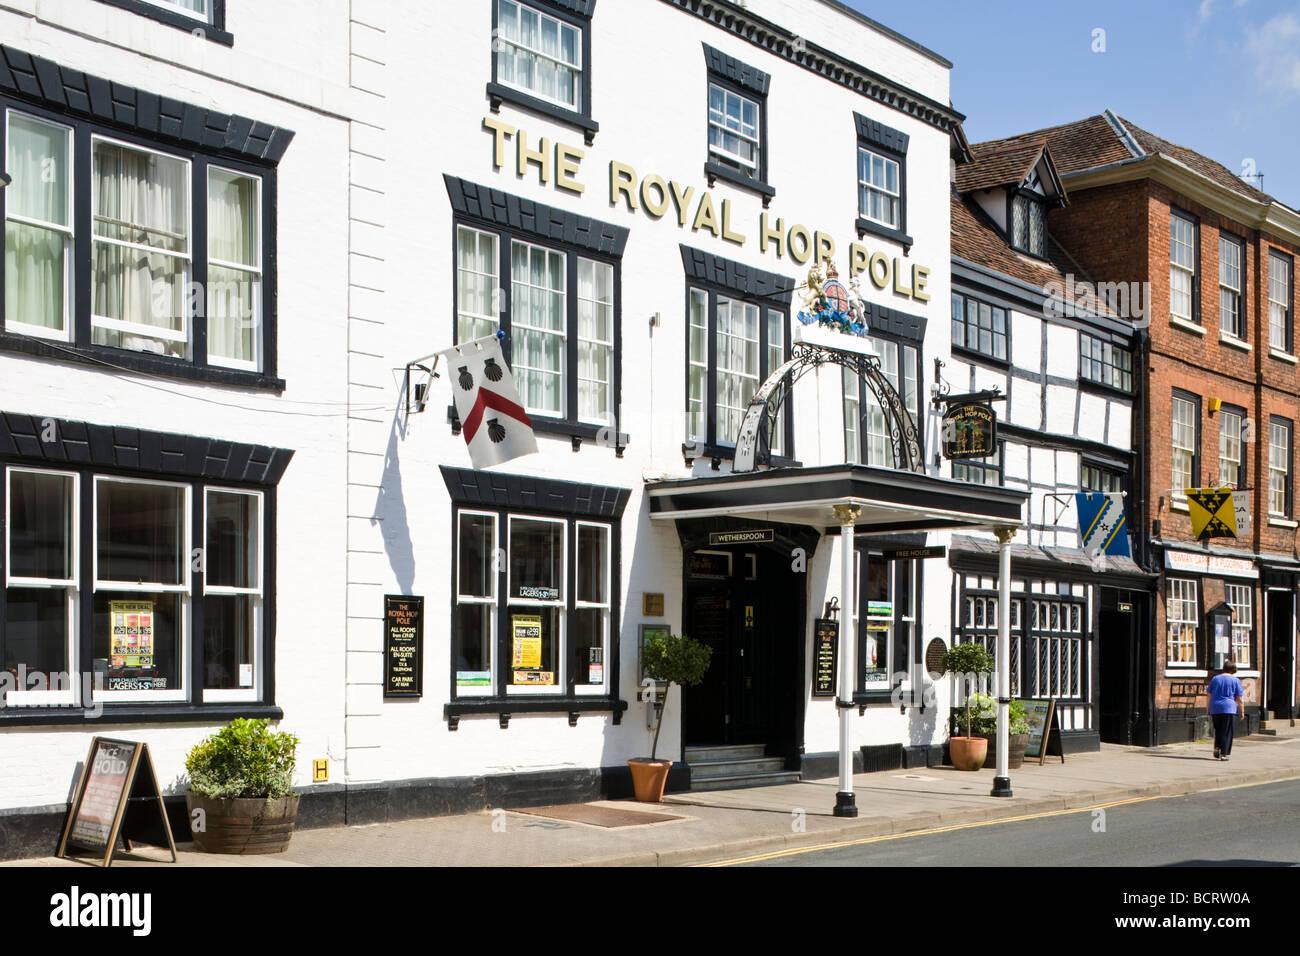 Royal Hop Pole Hotel Tewkesbury